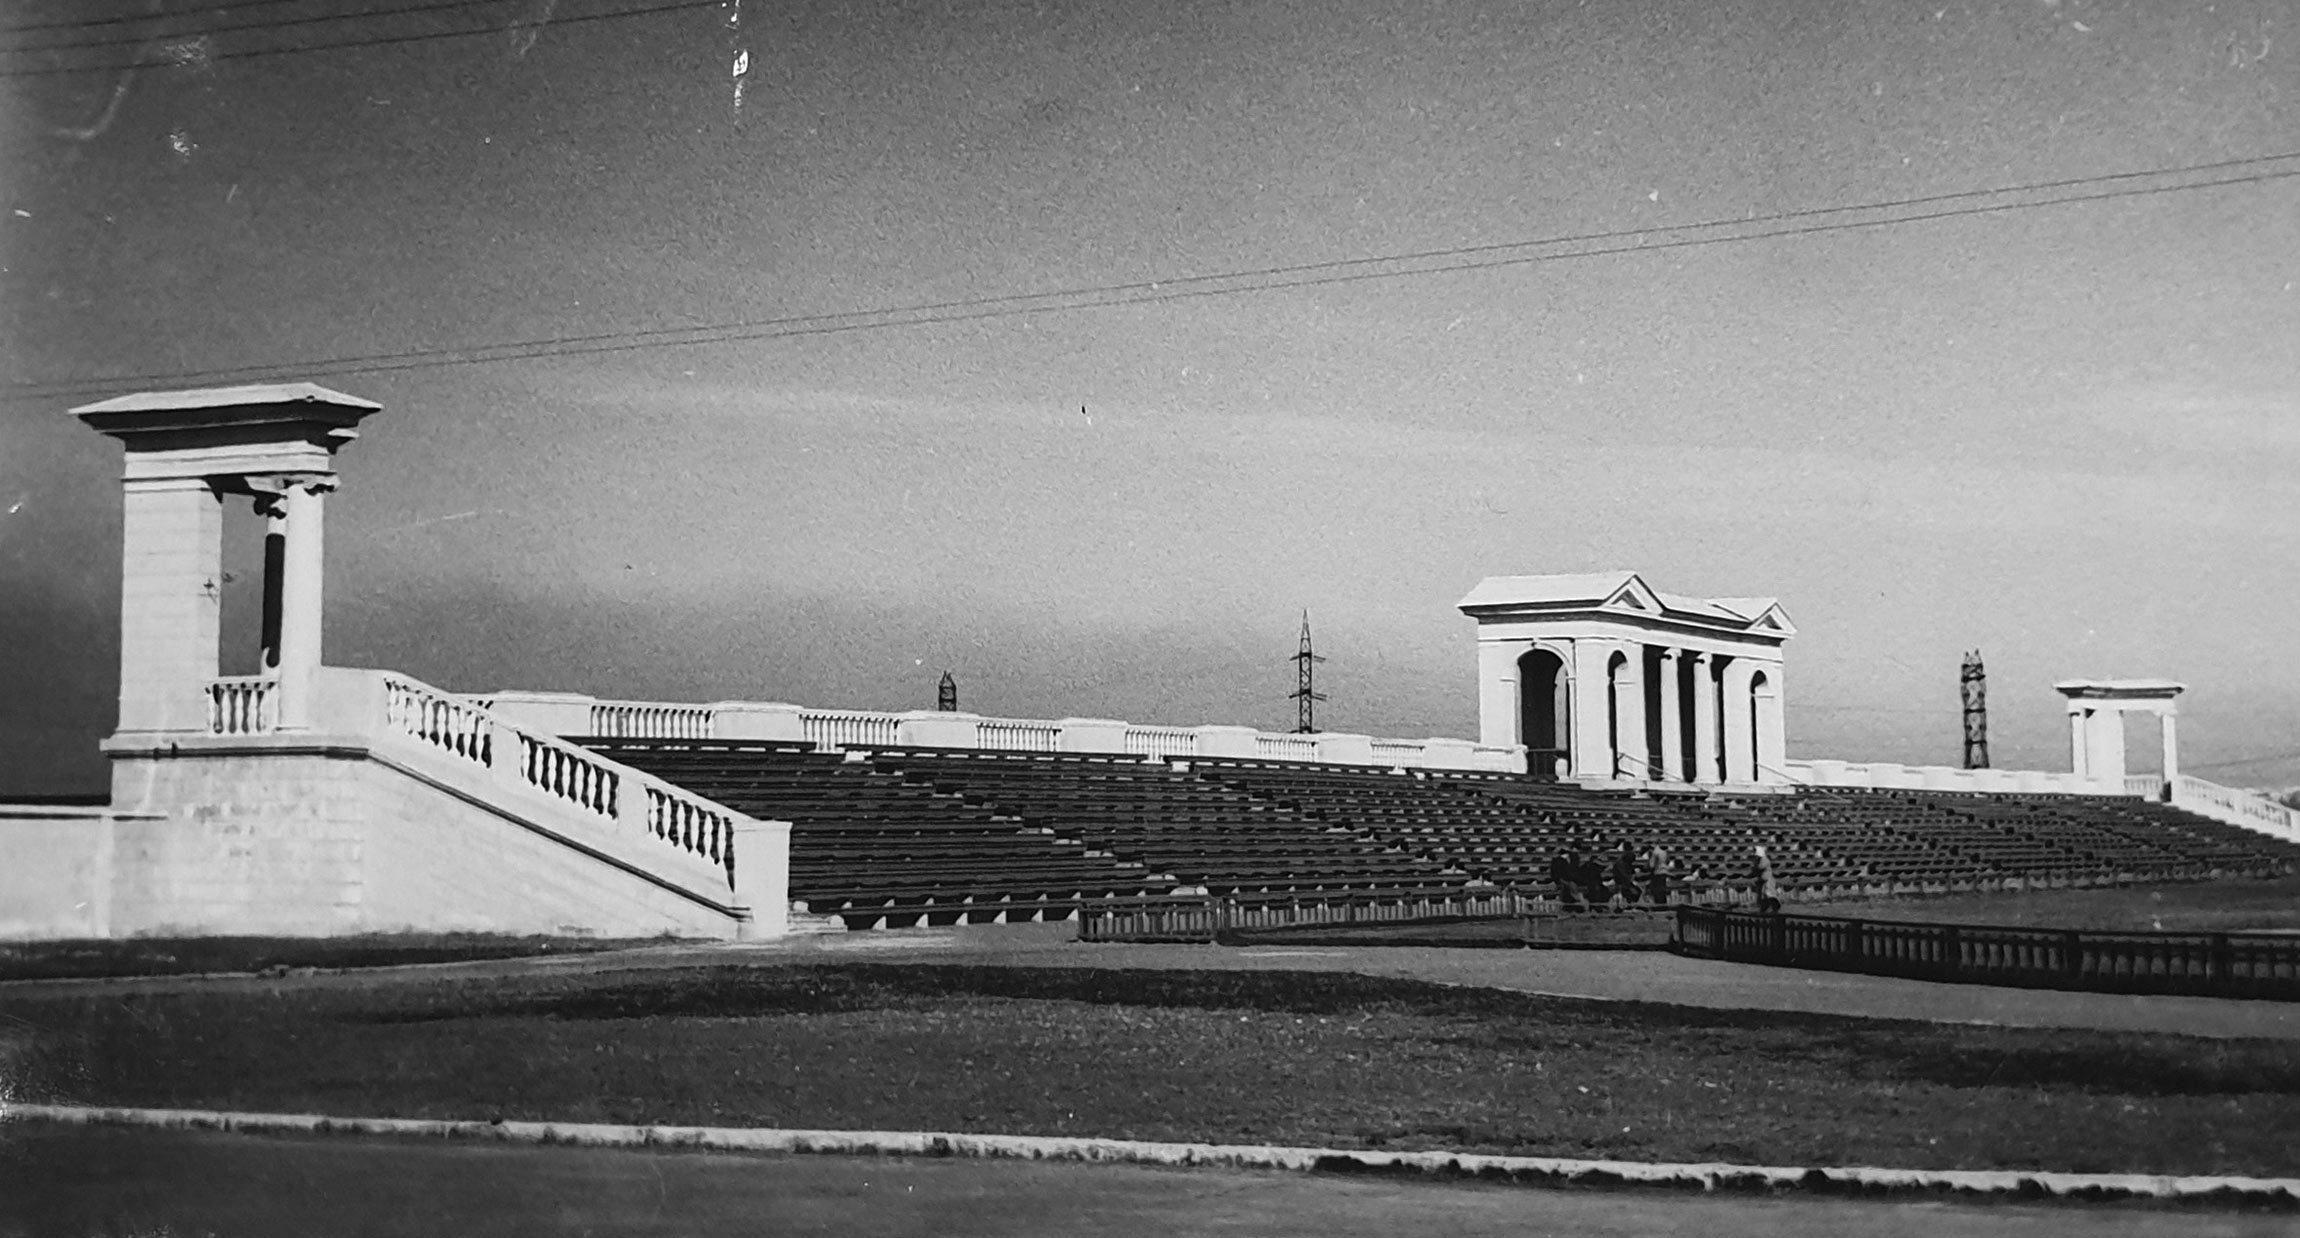 shyrochyn 13 - <b>Что вы знаете об архитектуре промышленных городов? Она прекрасна.</b> Вот как выглядят самые интересные здания Мариуполя - Заборона